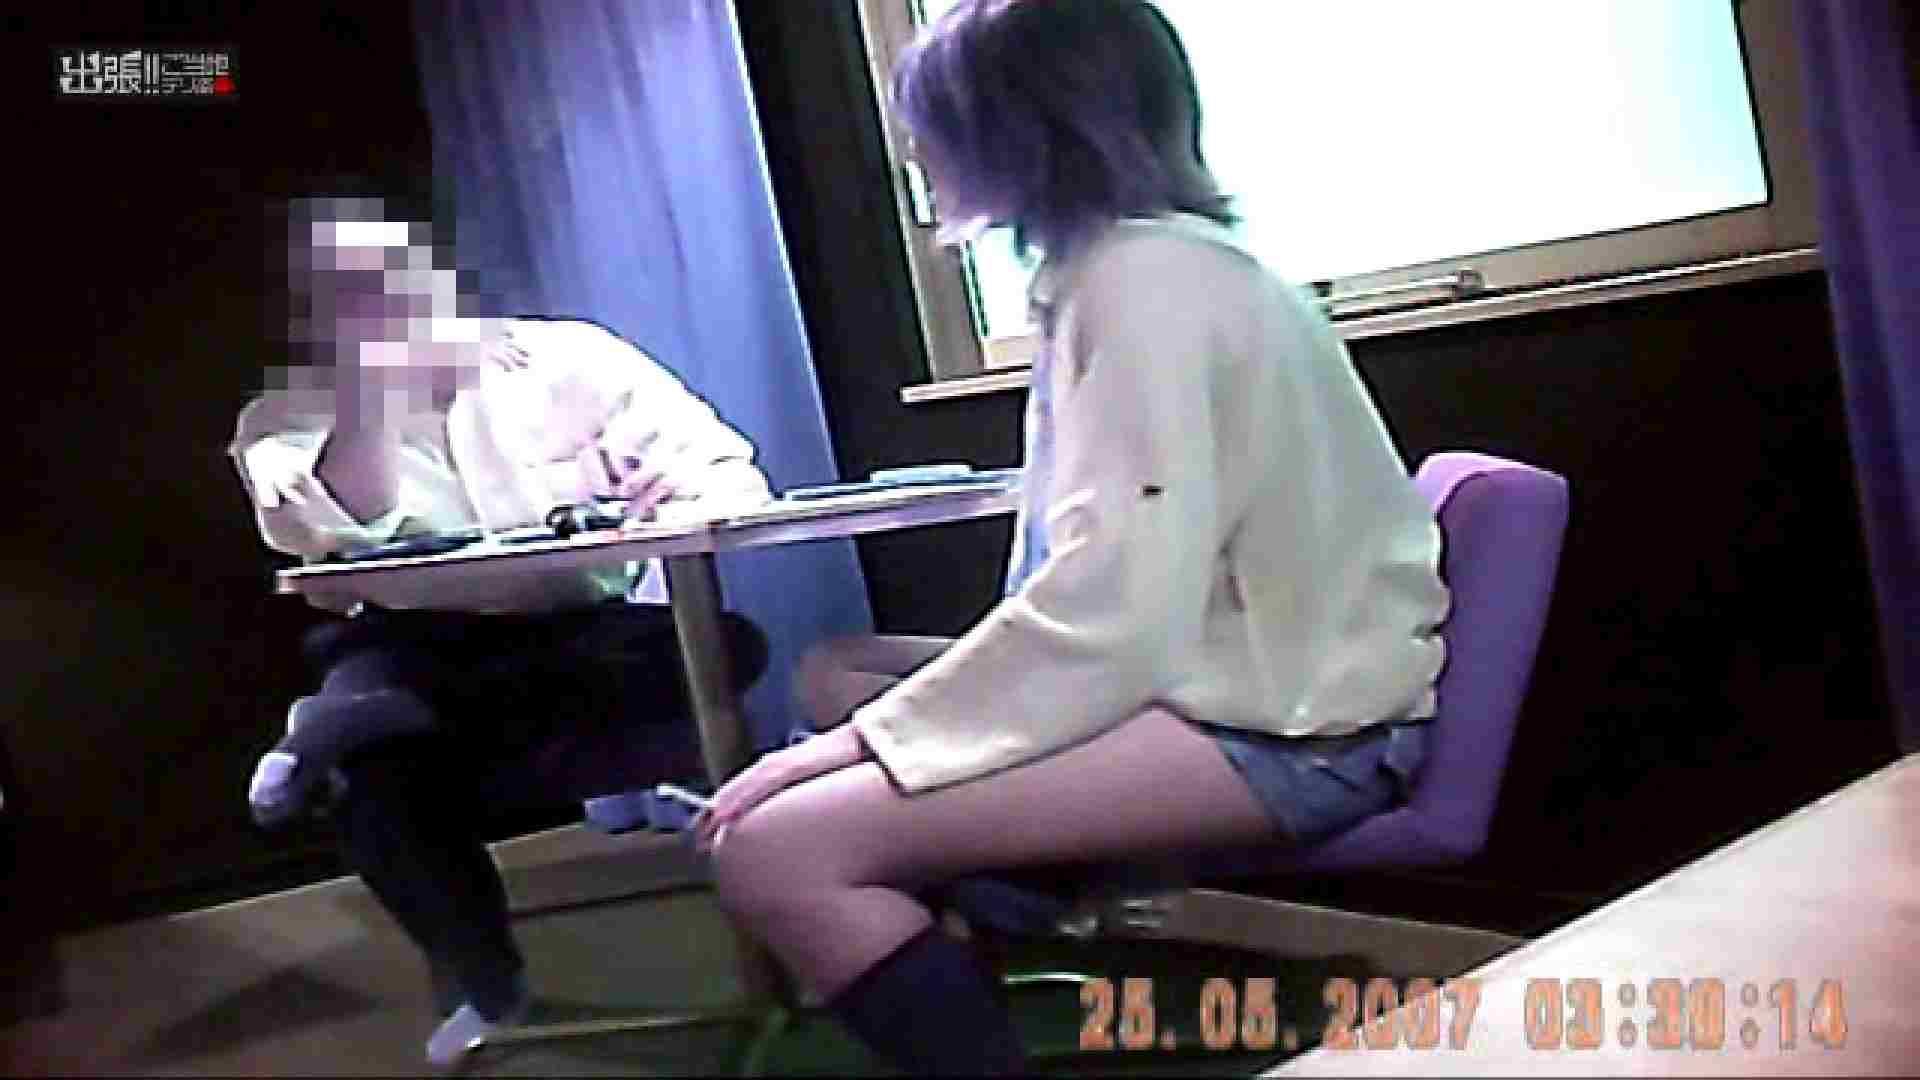 出張リーマンのデリ嬢隠し撮り第3弾vol.5 セックス エロ画像 103枚 40